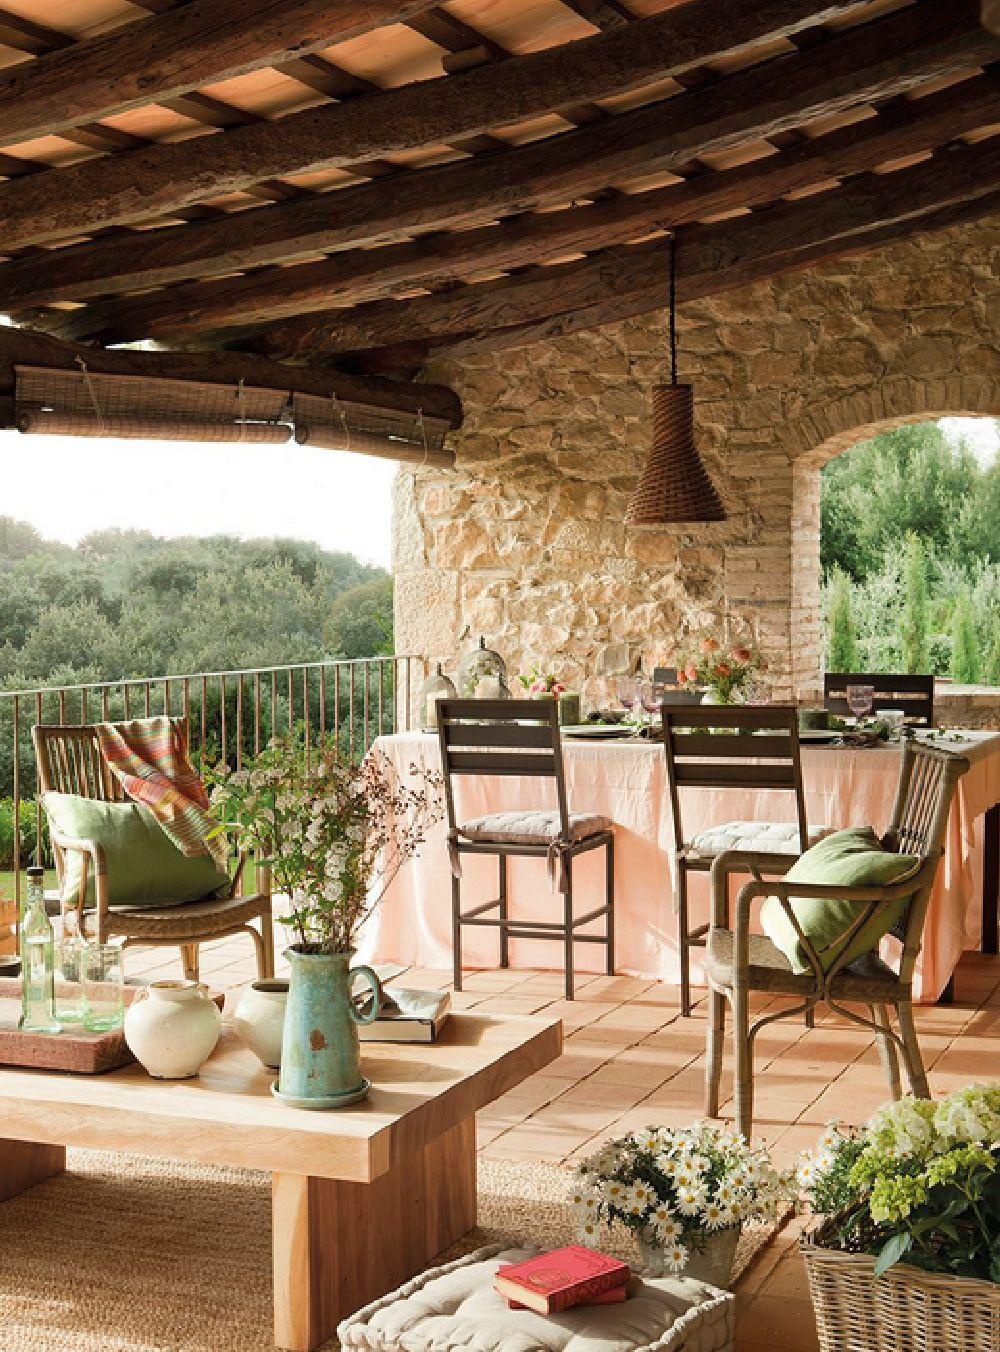 adelaparvu.com despre casa rustica catalana cu interior elegant decorat, design interior Gemma Mateos, Foto ElMueble (3)